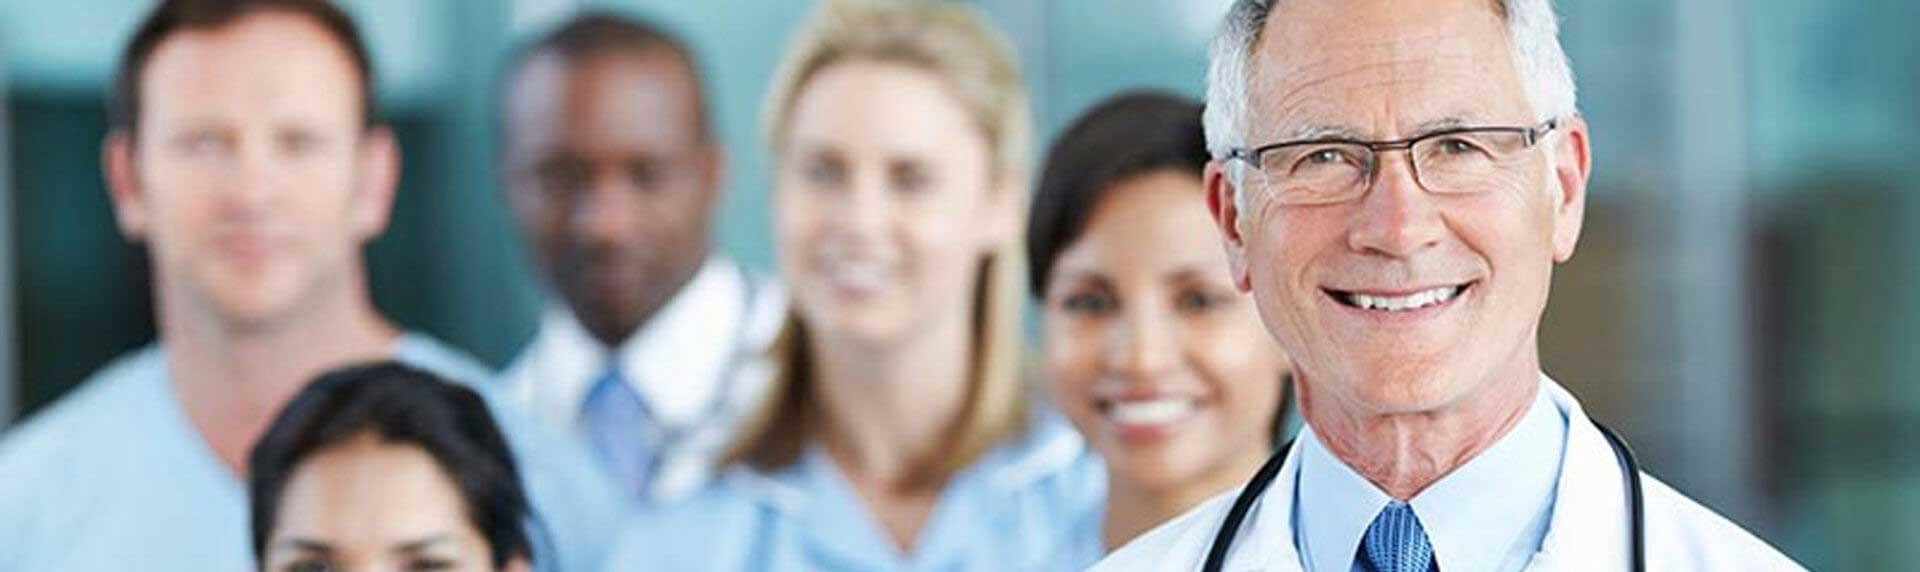 gp-doctor-sandringham